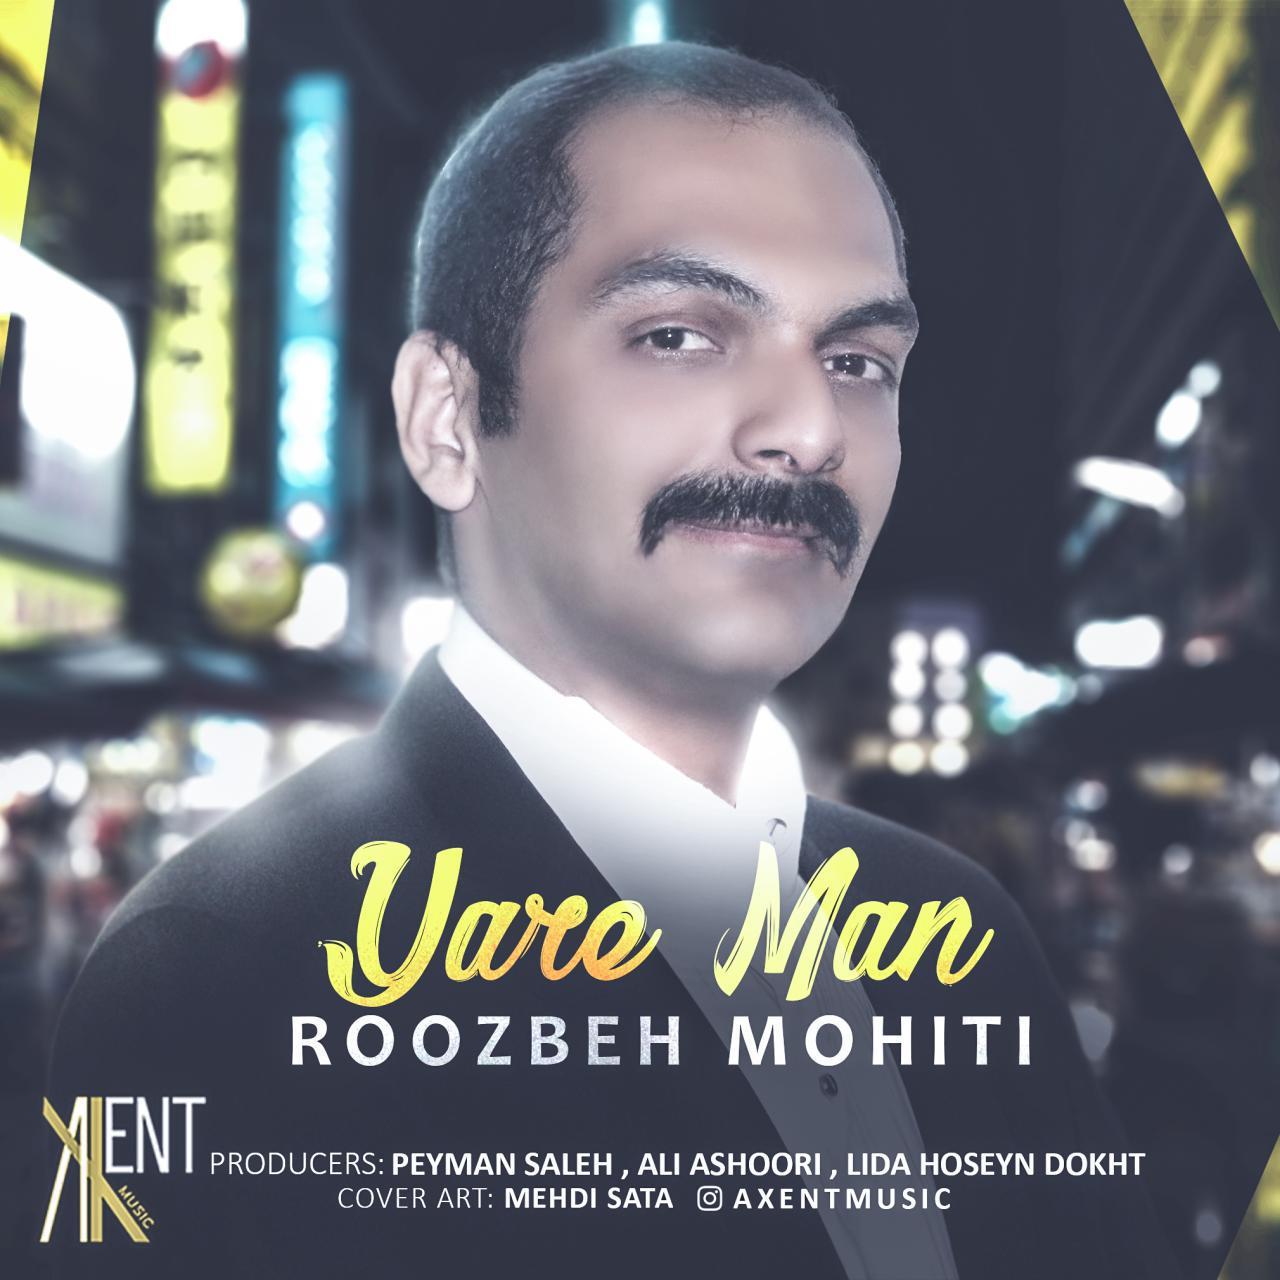 Roozbeh Mohiti – Yare Man